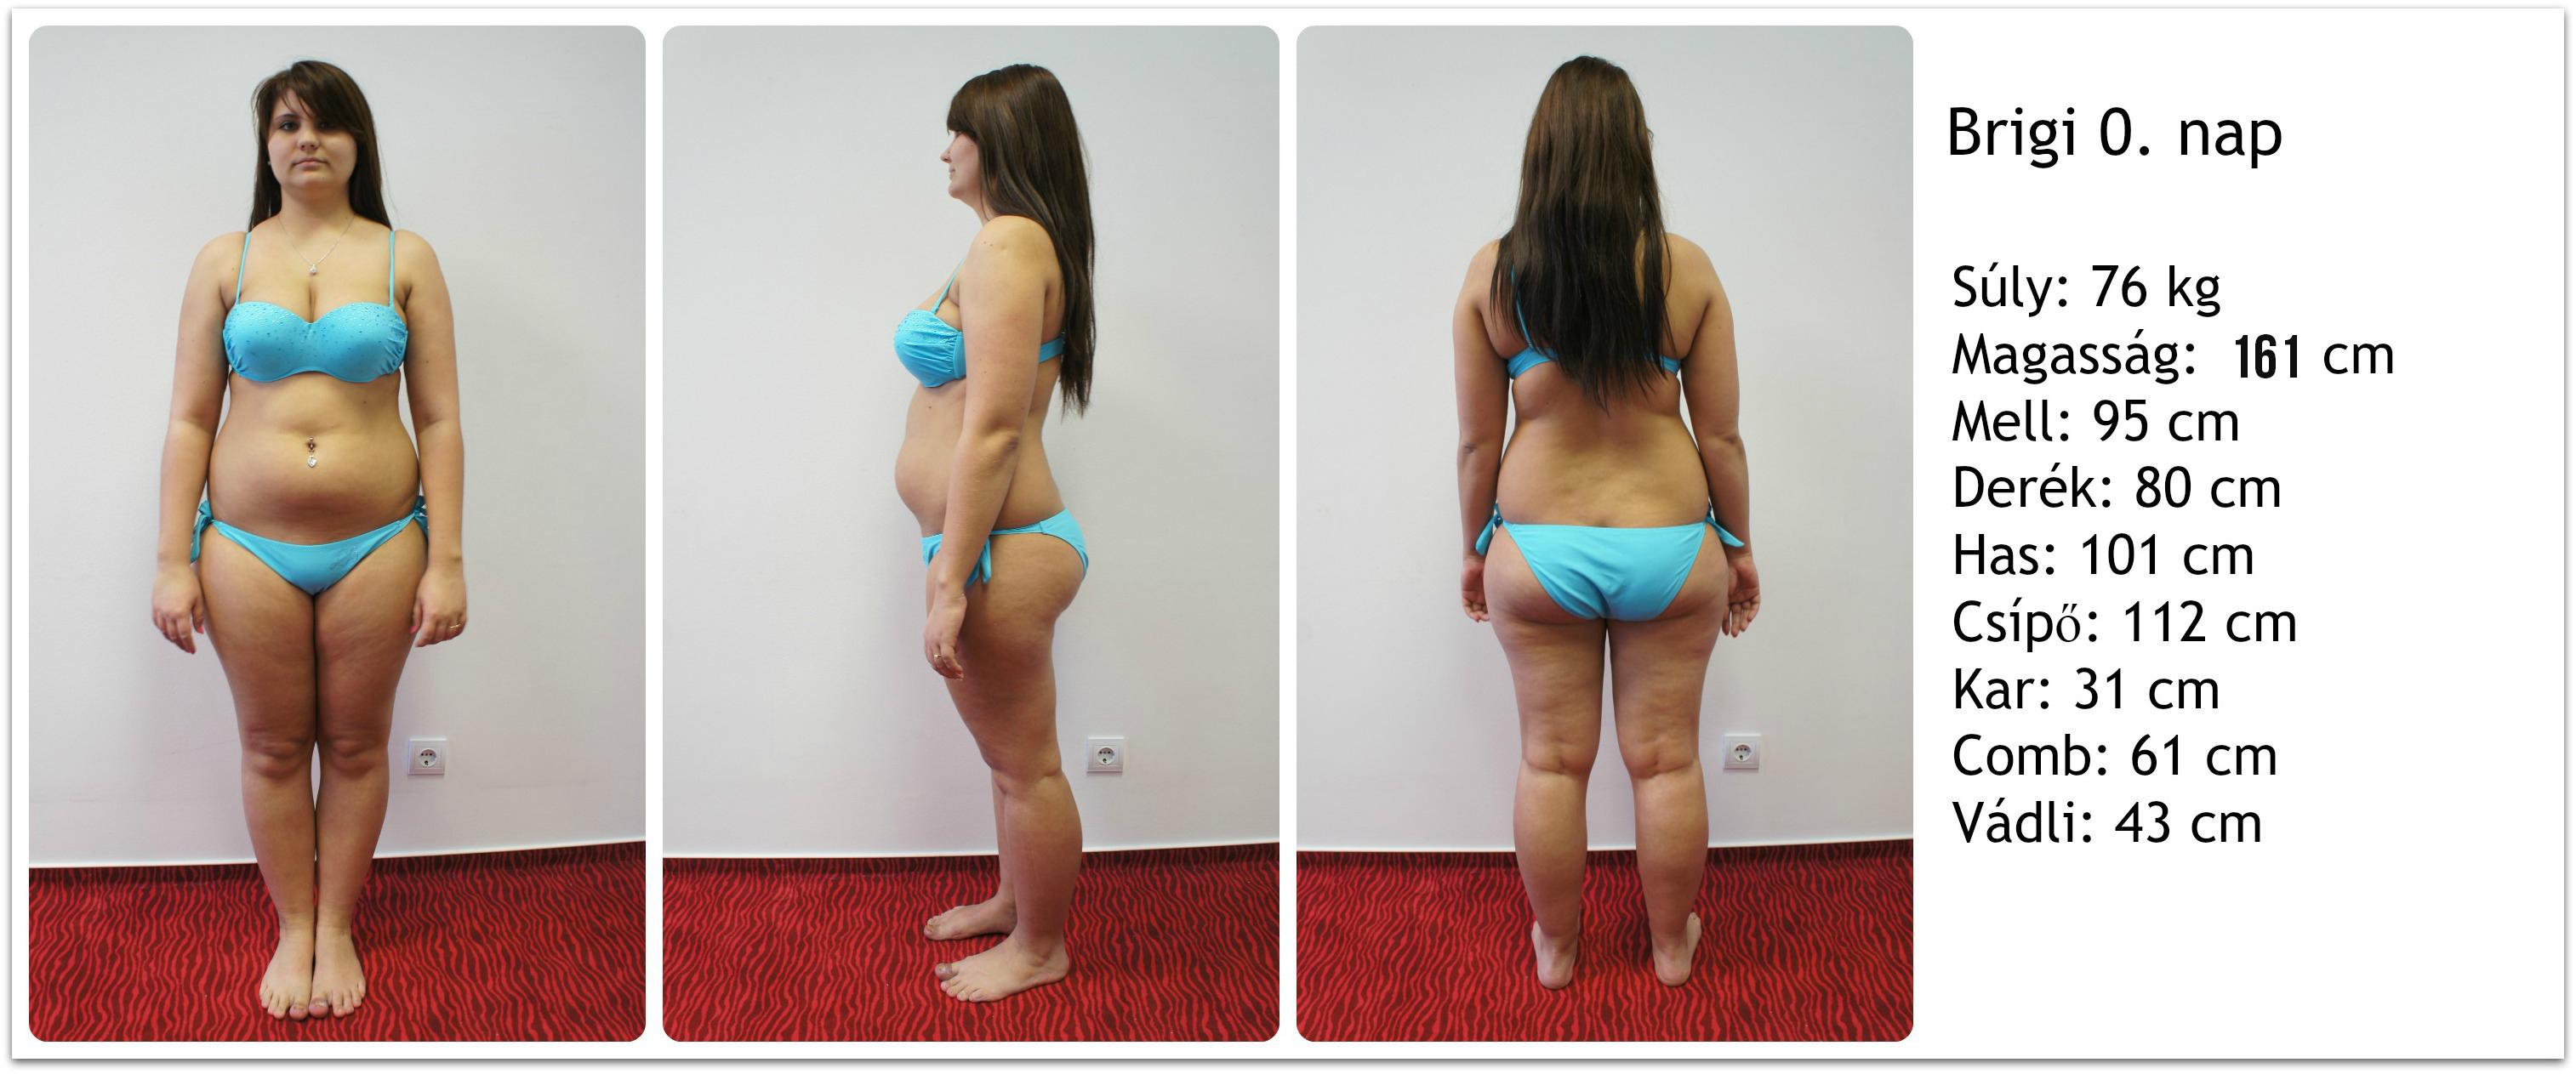 Négy hónap alatt 20 kg-t fogyott az anyuka. Csak az első két hét volt nehéz!